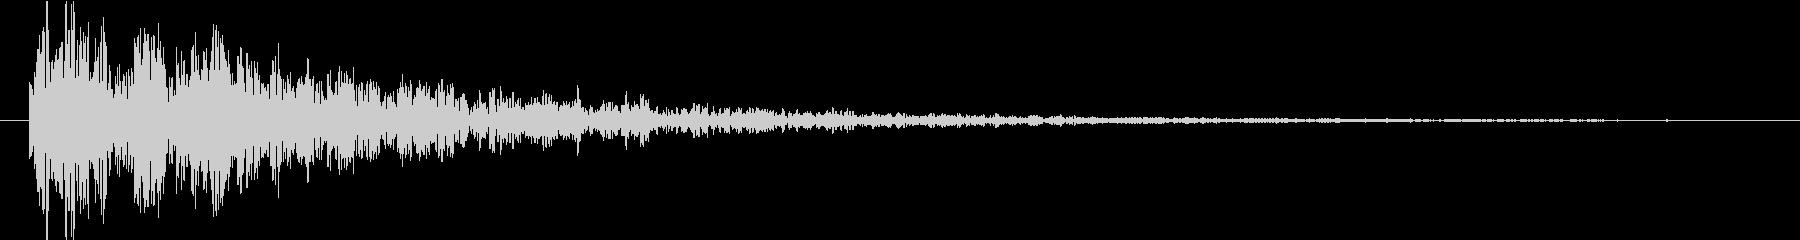 【ドーン】残響の効いたインパクト音2の未再生の波形